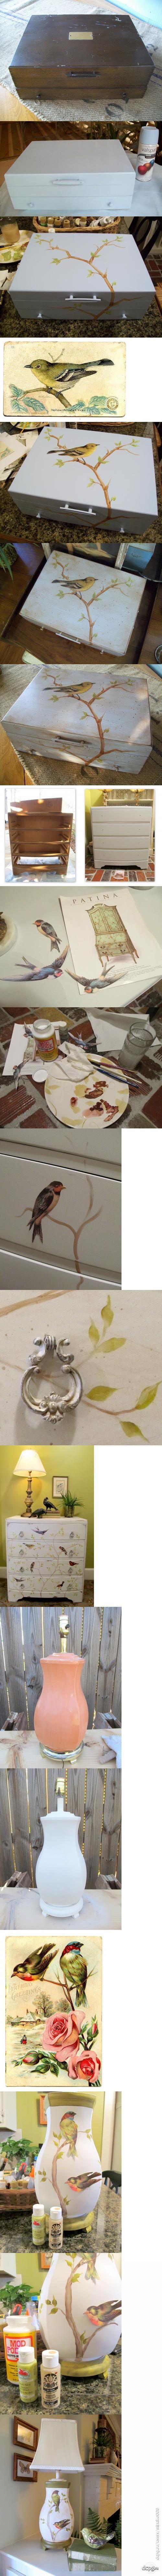 Декупаж - Сайт любителей декупажа - DCPG.RU | Птичьи проекты от Линди: короб, комод и лампа